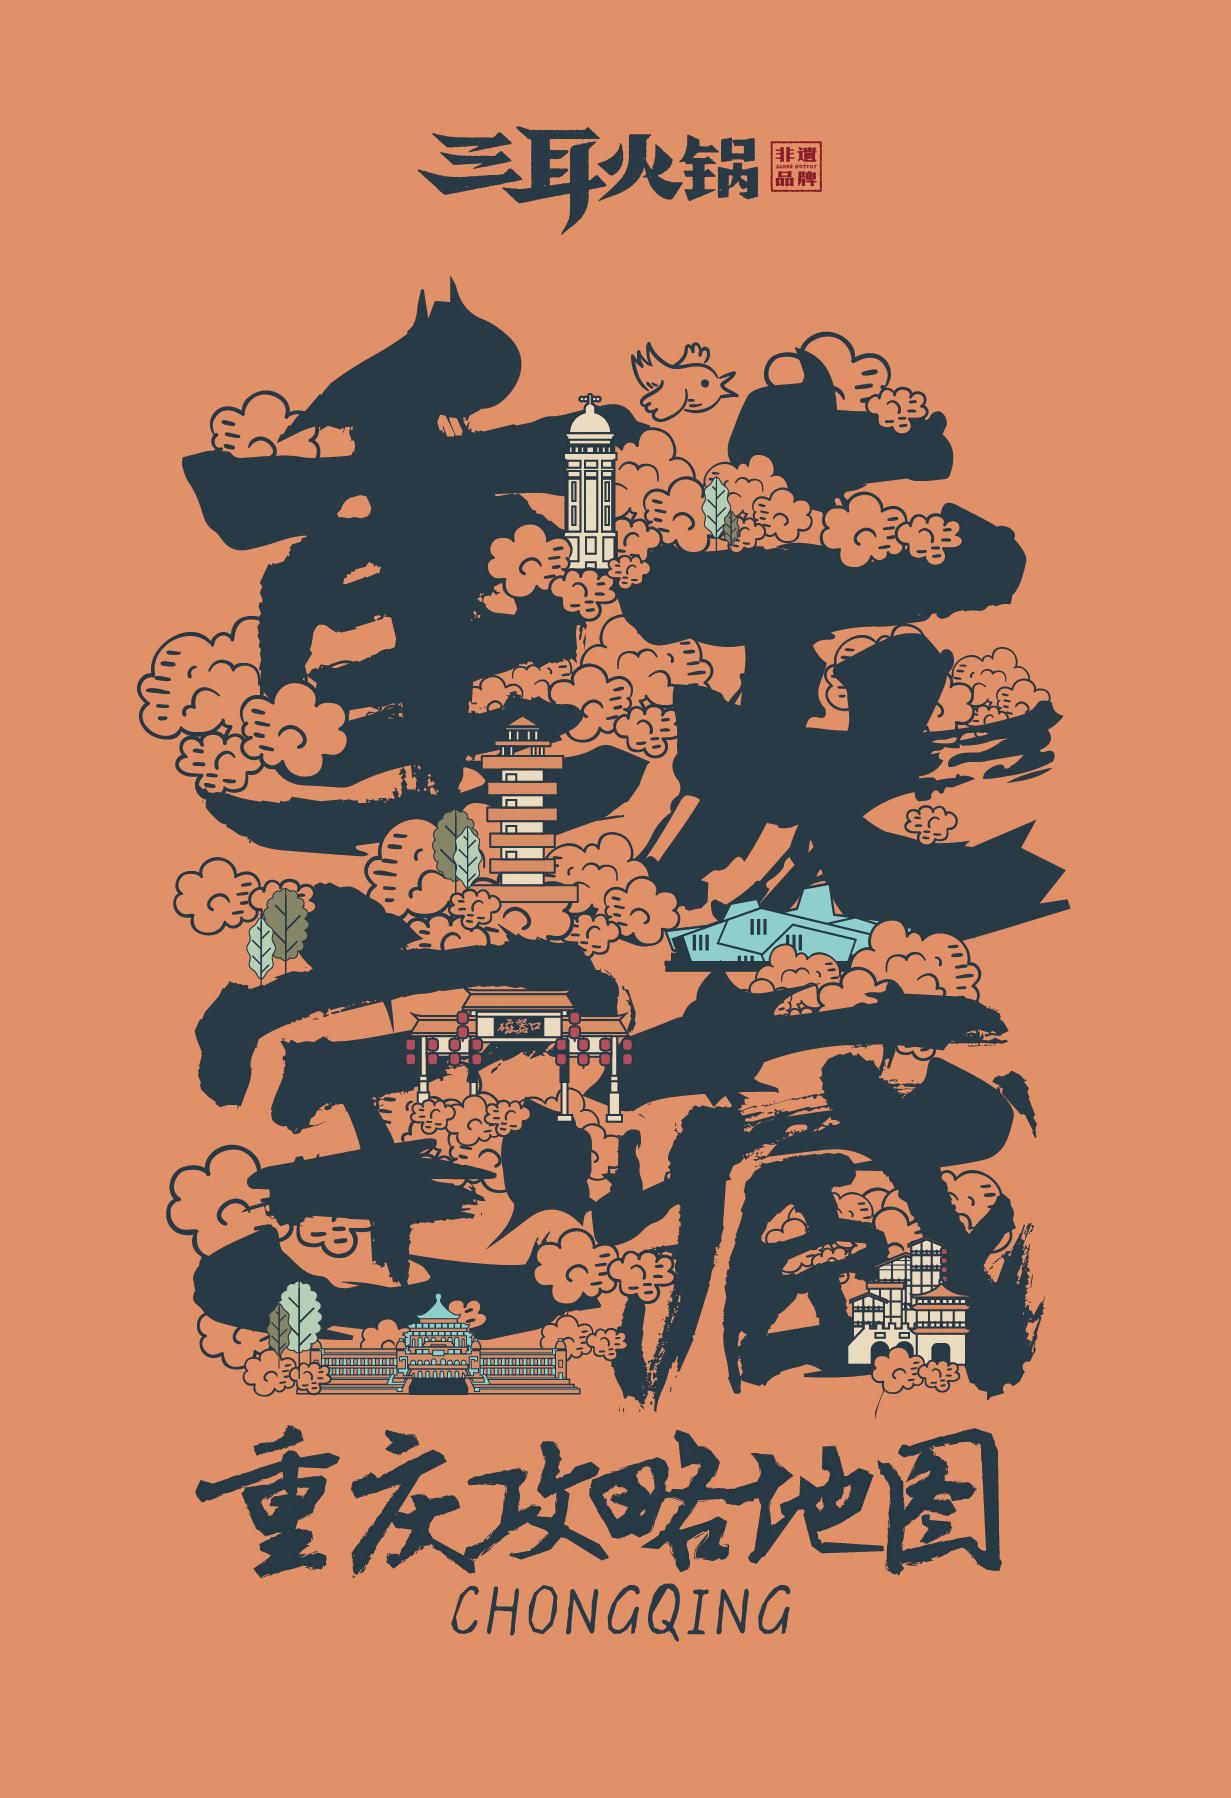 地图封面册子设计-01_01